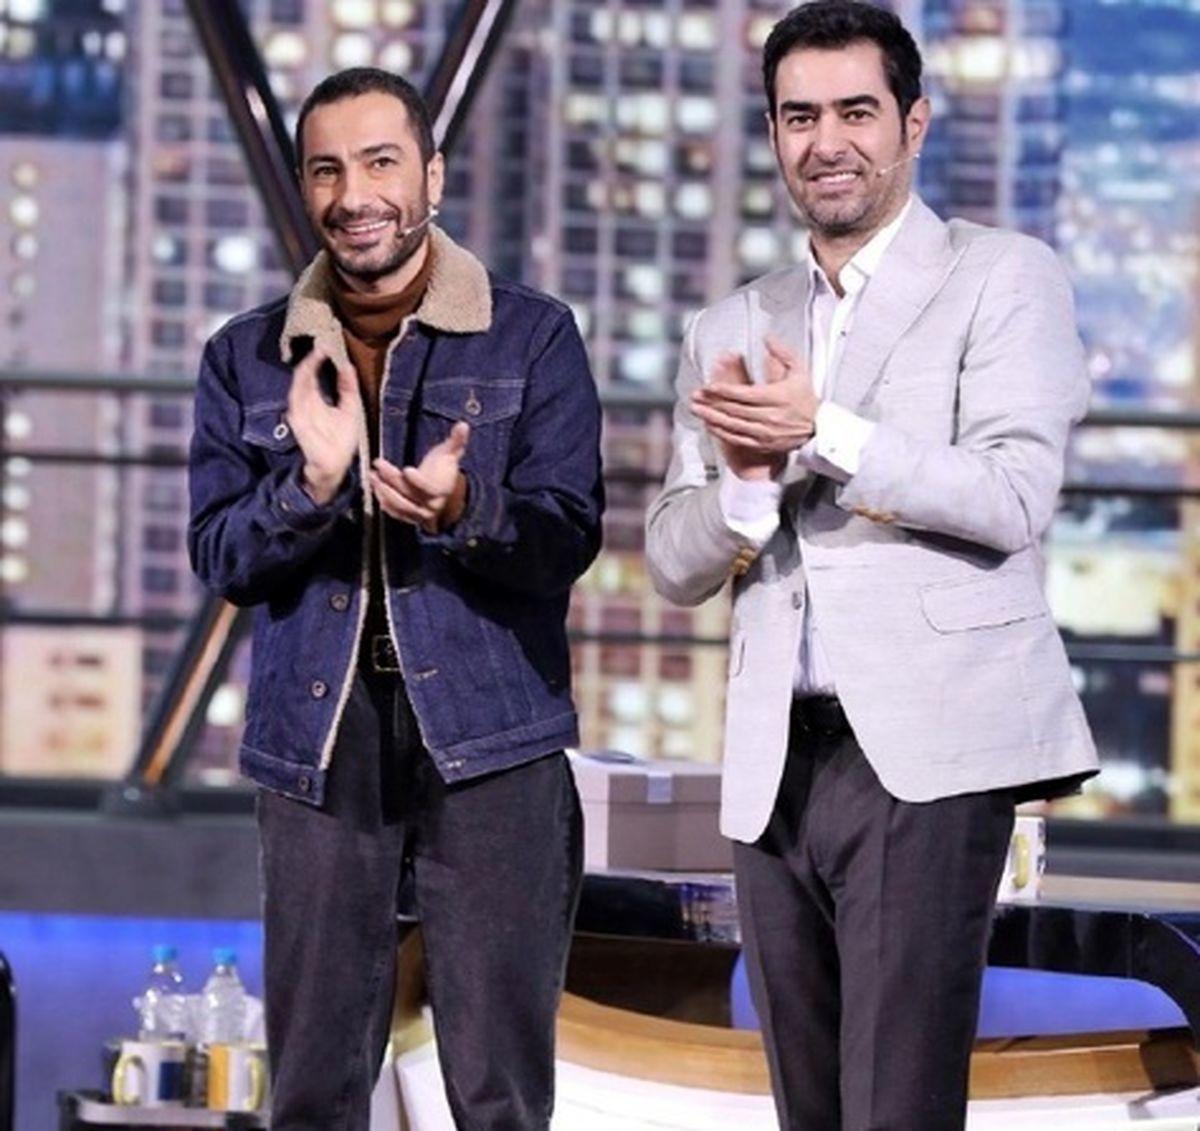 دستمزد 500 میلیونی شهاب حسینی برای نوید محمدزاده در همرفیق + عکس